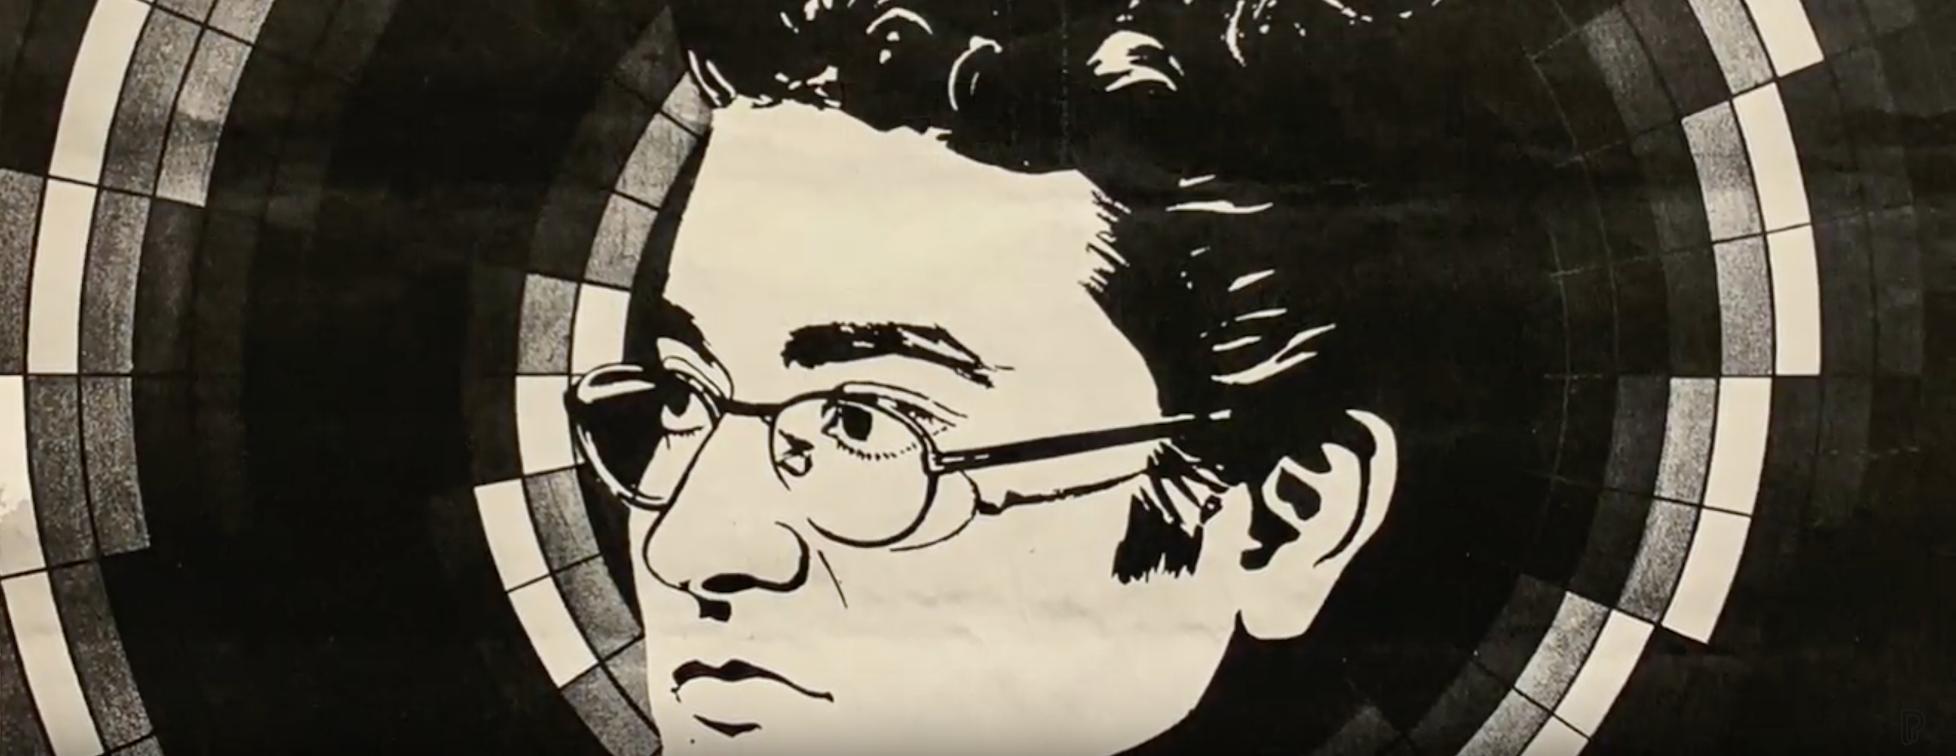 La Philharmonie rend hommage à Pierre Henry